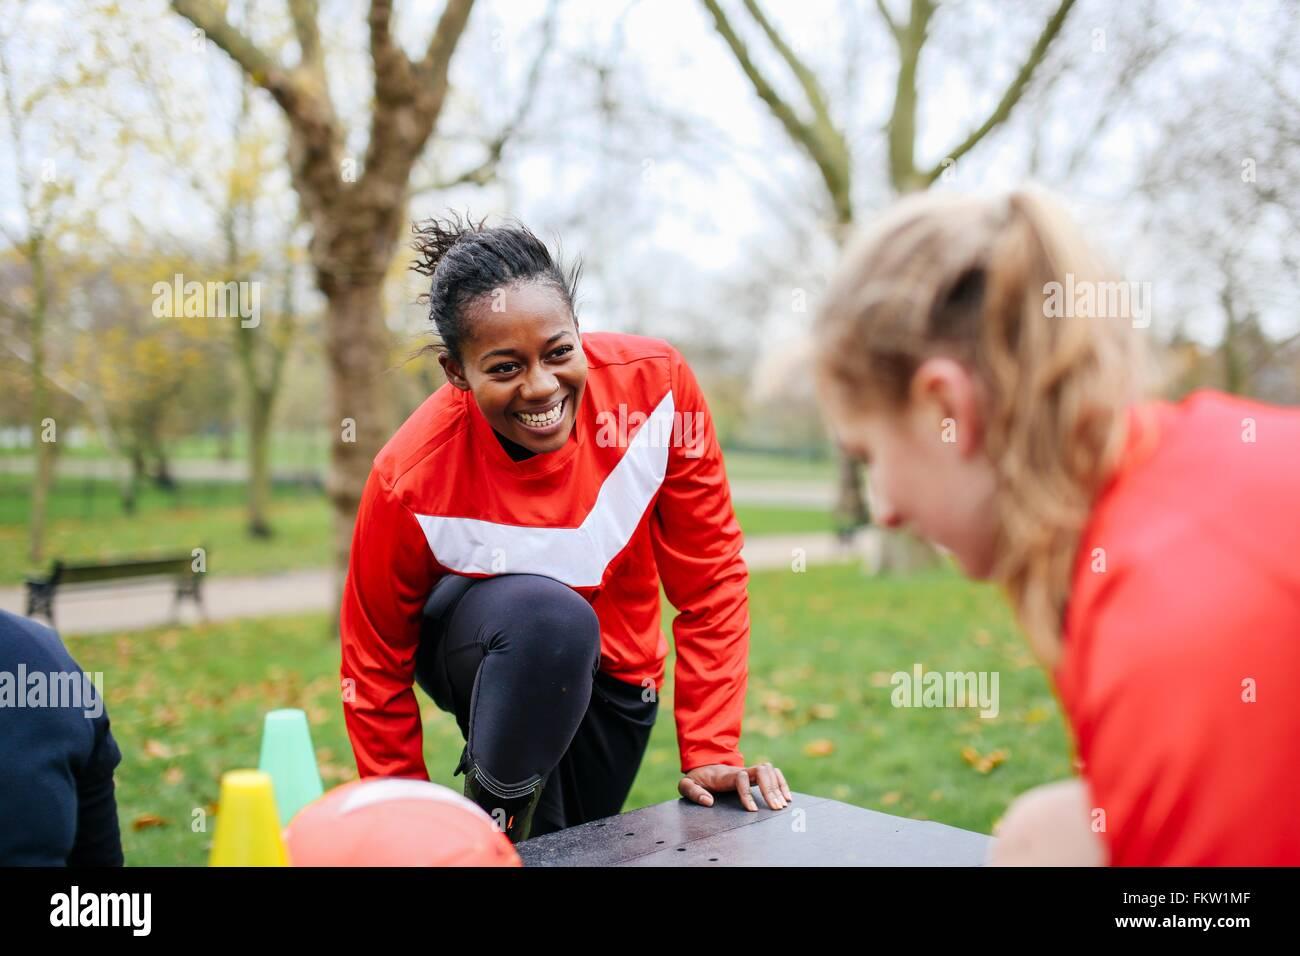 Erwachsene weibliche Fußball-Spieler spielen Fußball im Park wird vorbereitet Stockbild